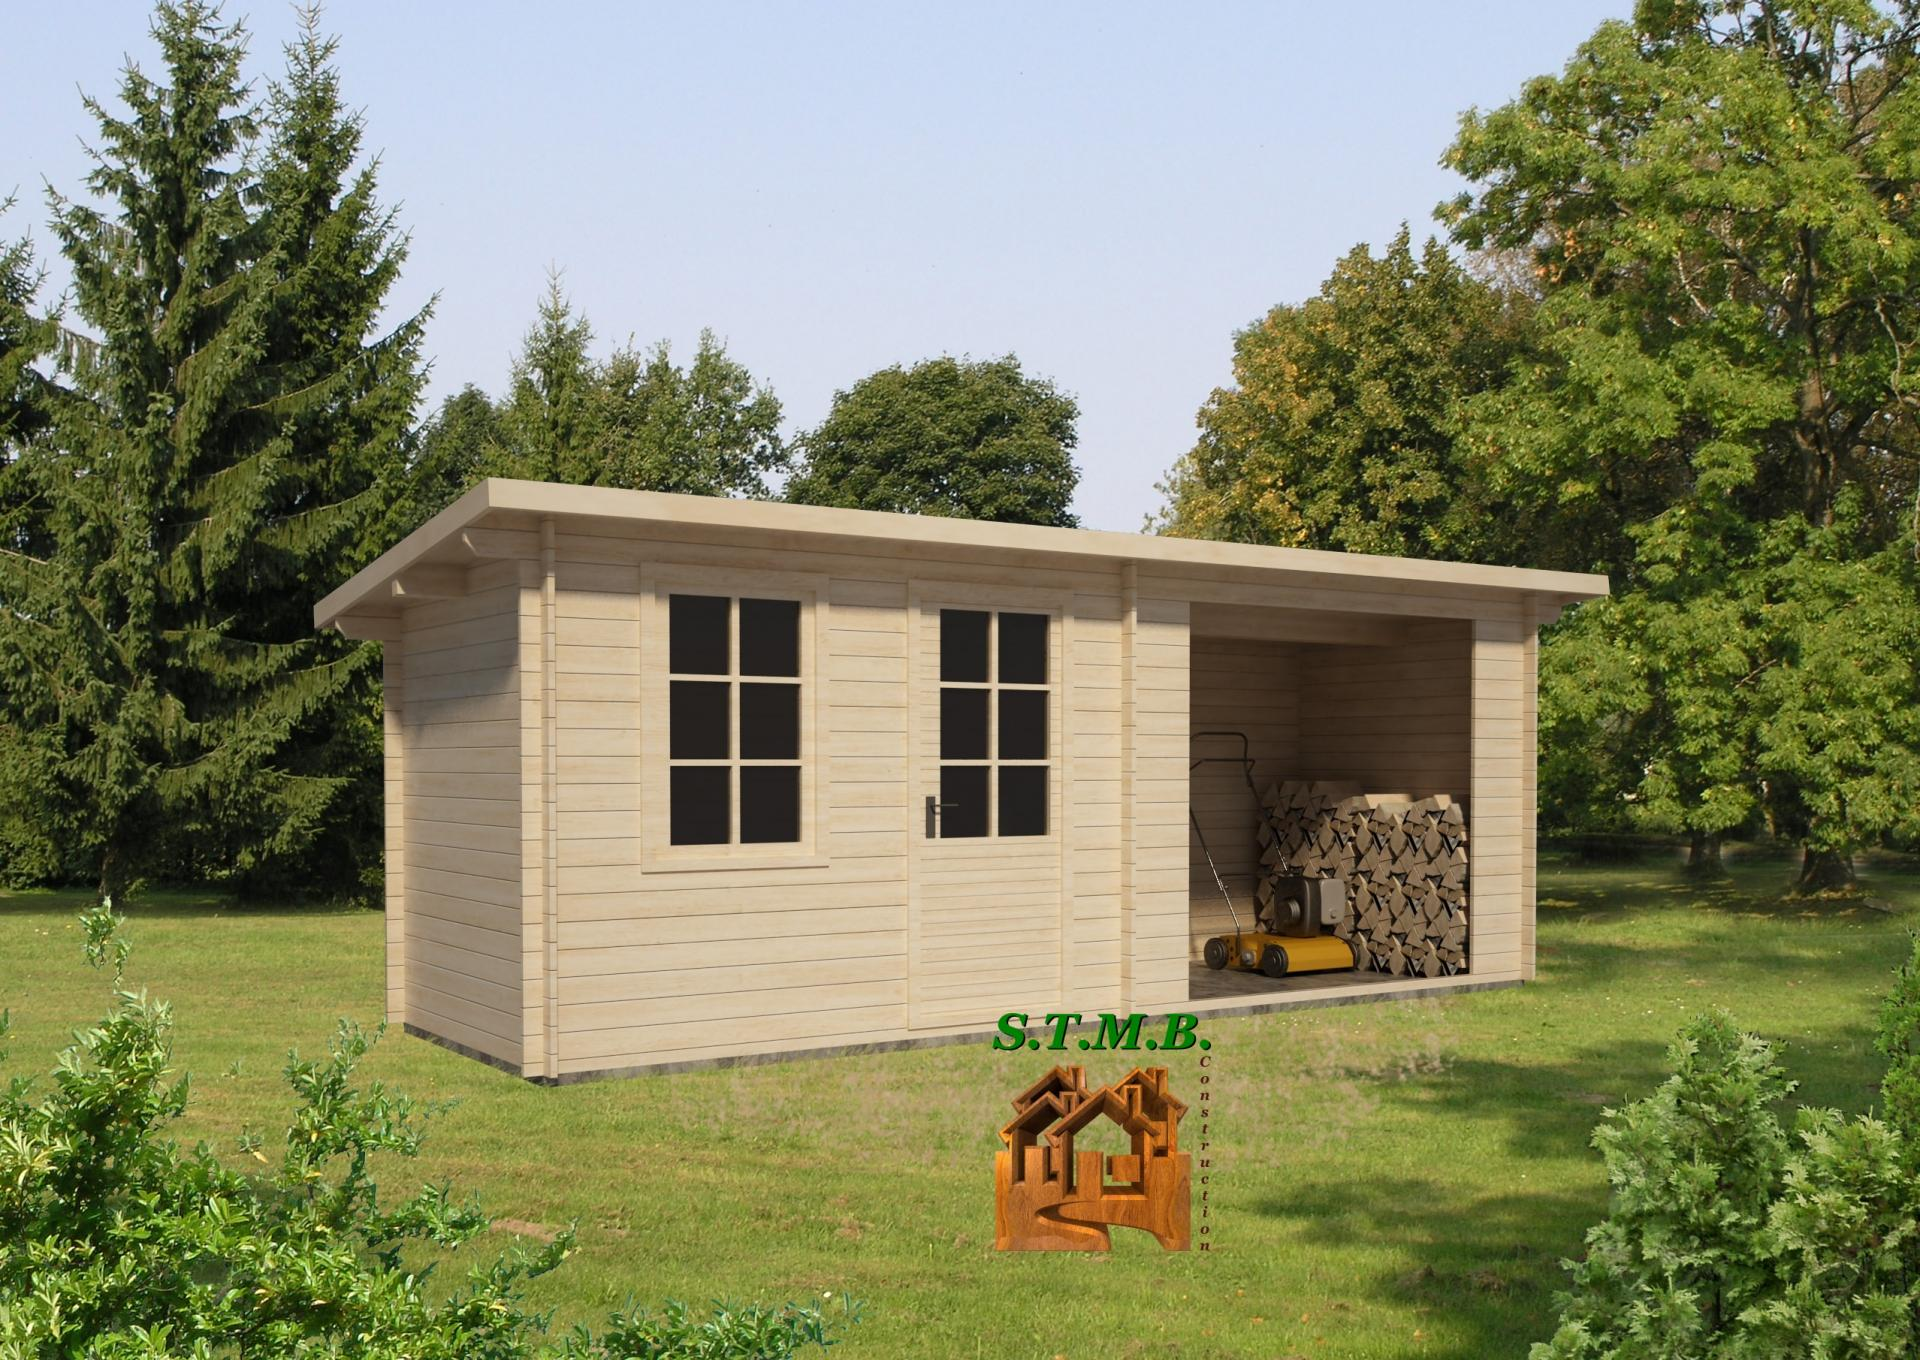 La cabane en bois Hier, Aujourd u2019hui& Demain # Cabane En Bois Construction